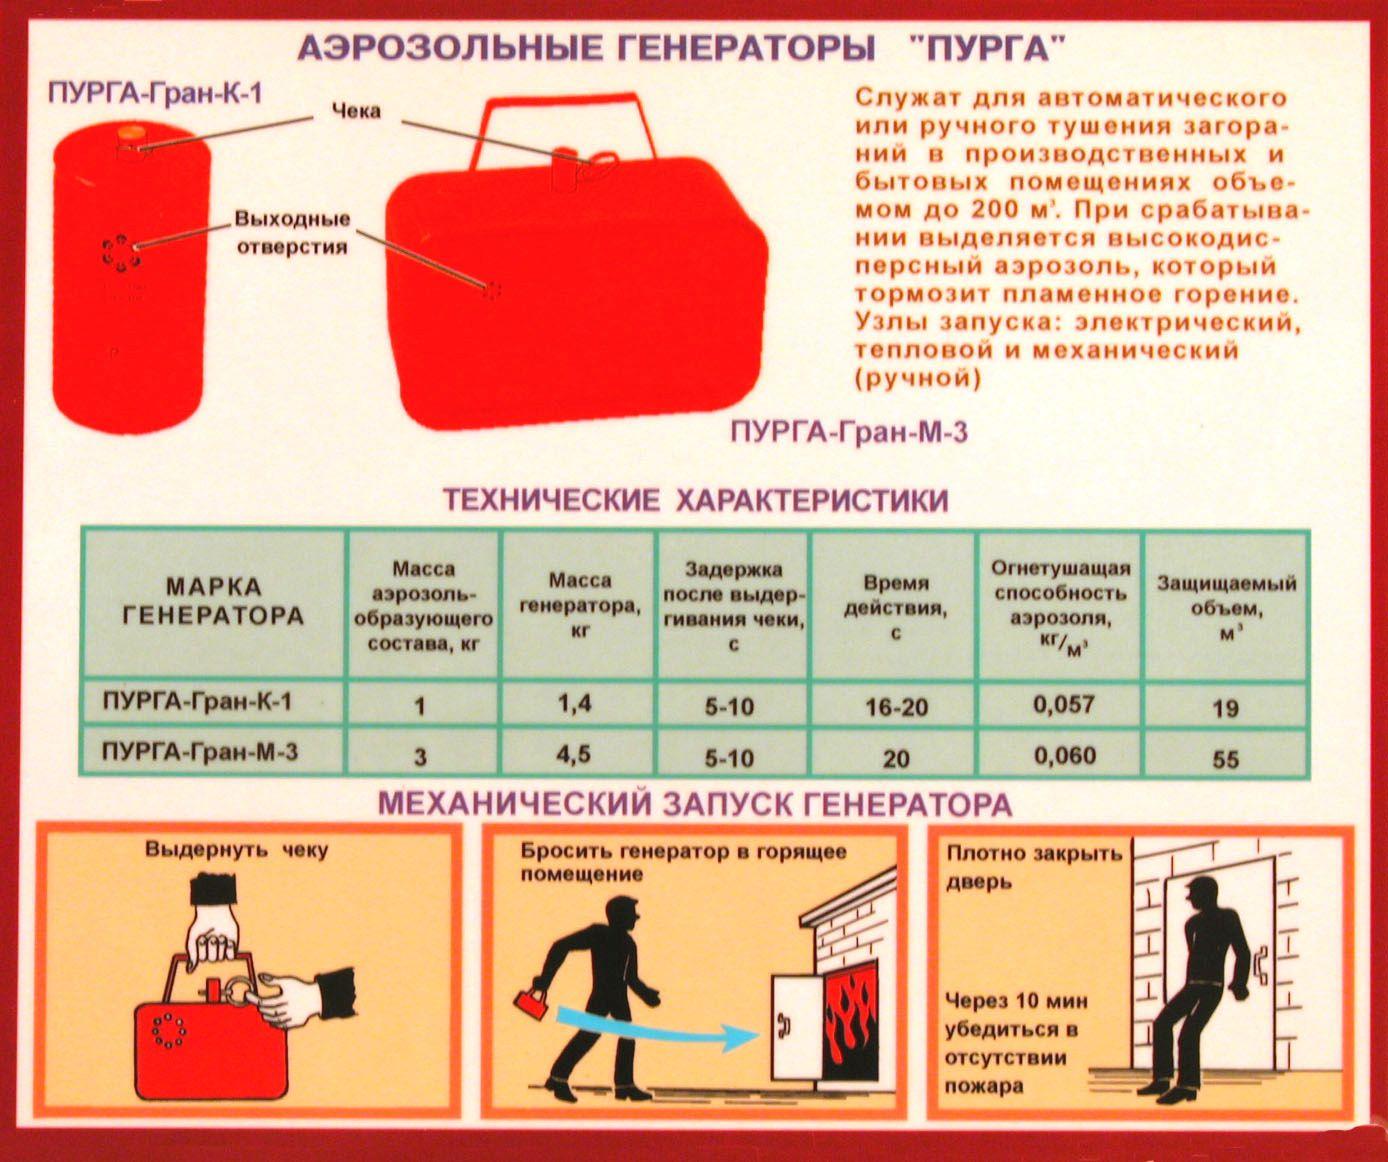 Аэрозольные генераторы «Пурга»